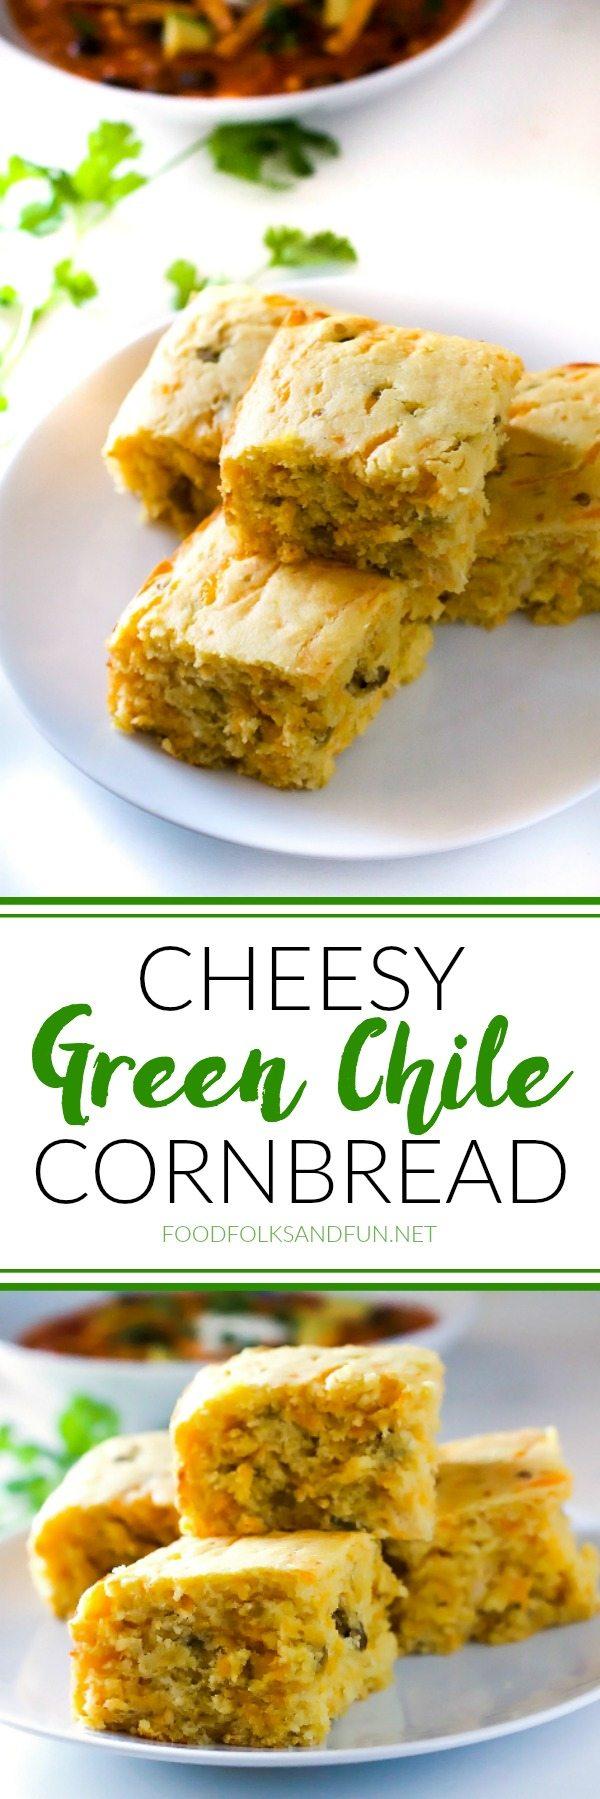 Picture collage of cheesy green chile cornbread.